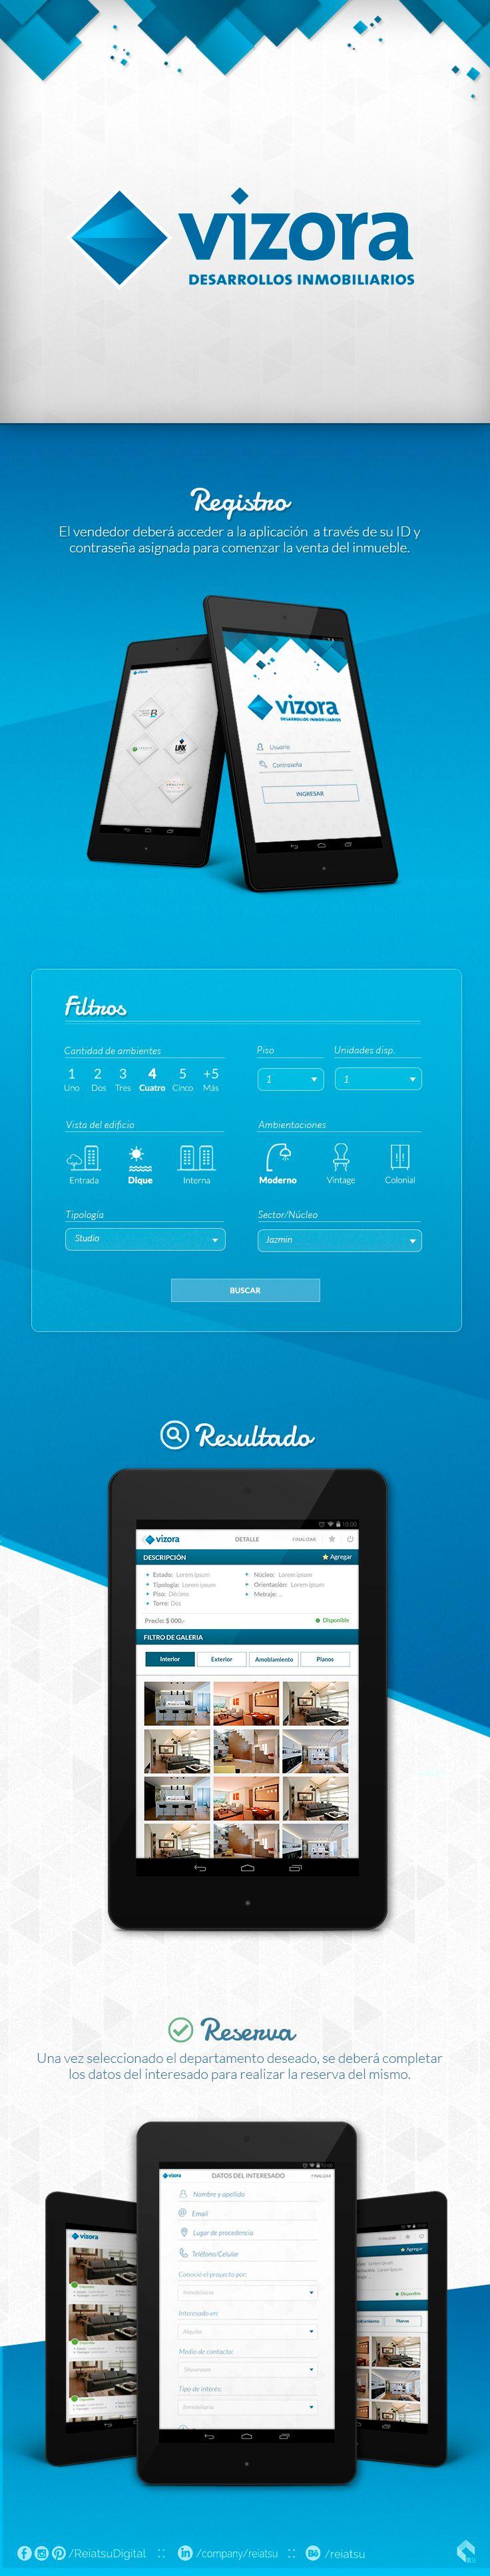 Aplicación desarrollada para la venta de departamentos en Buenos Aires, Argentina.  Behance: https://www.behance.net/gallery/20135829/Project-Vizora